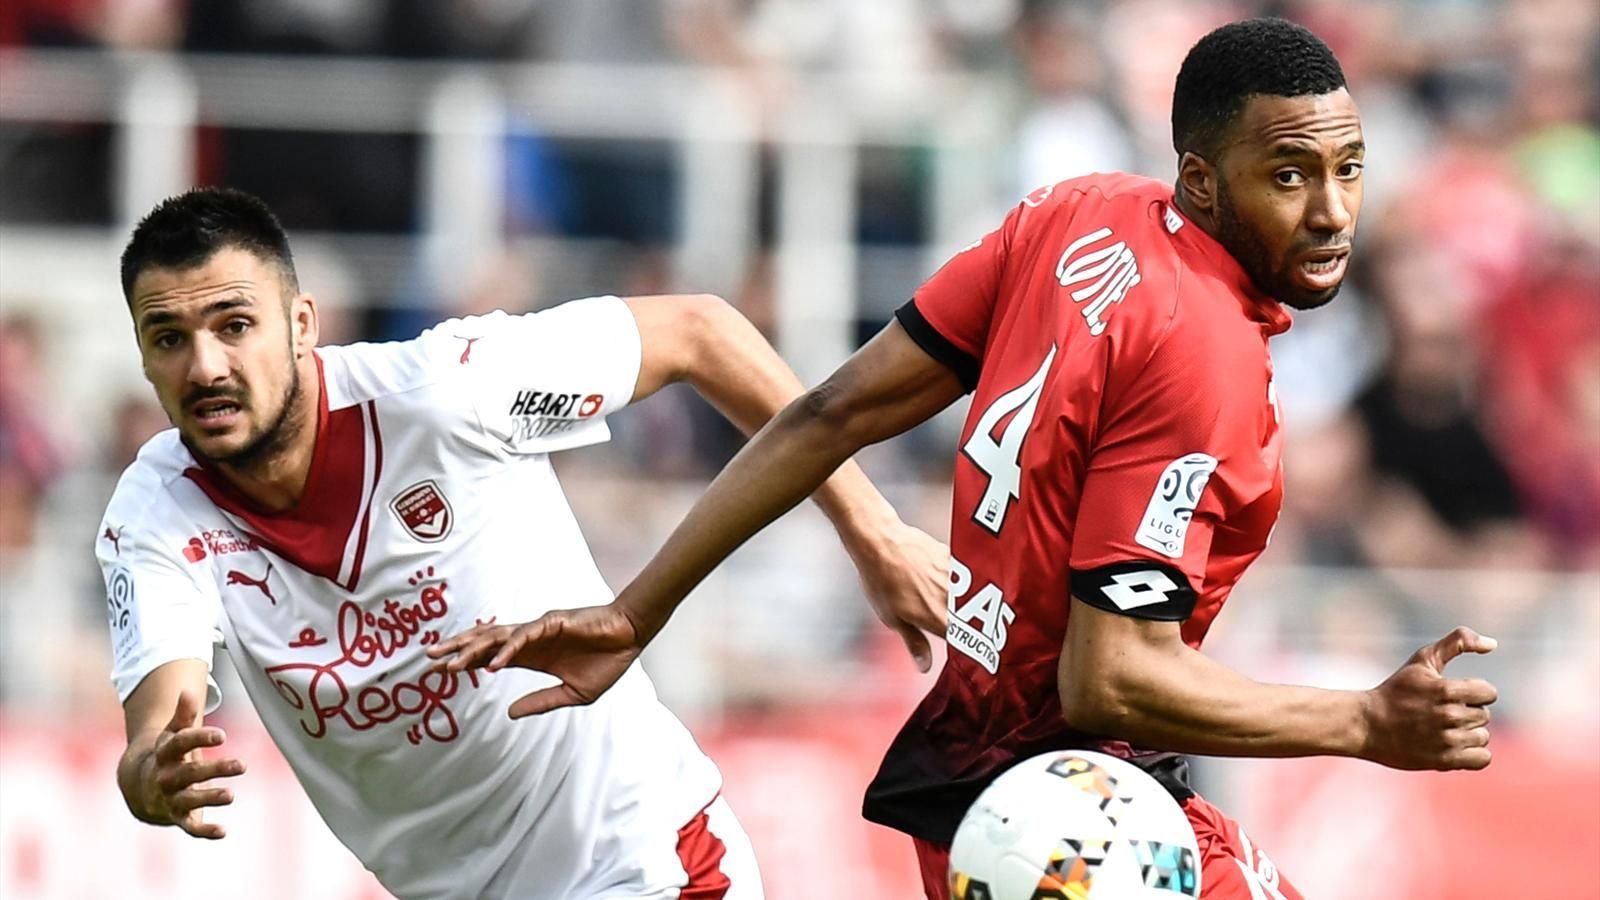 Coupe de la Ligue : Bordeaux écarte Dijon